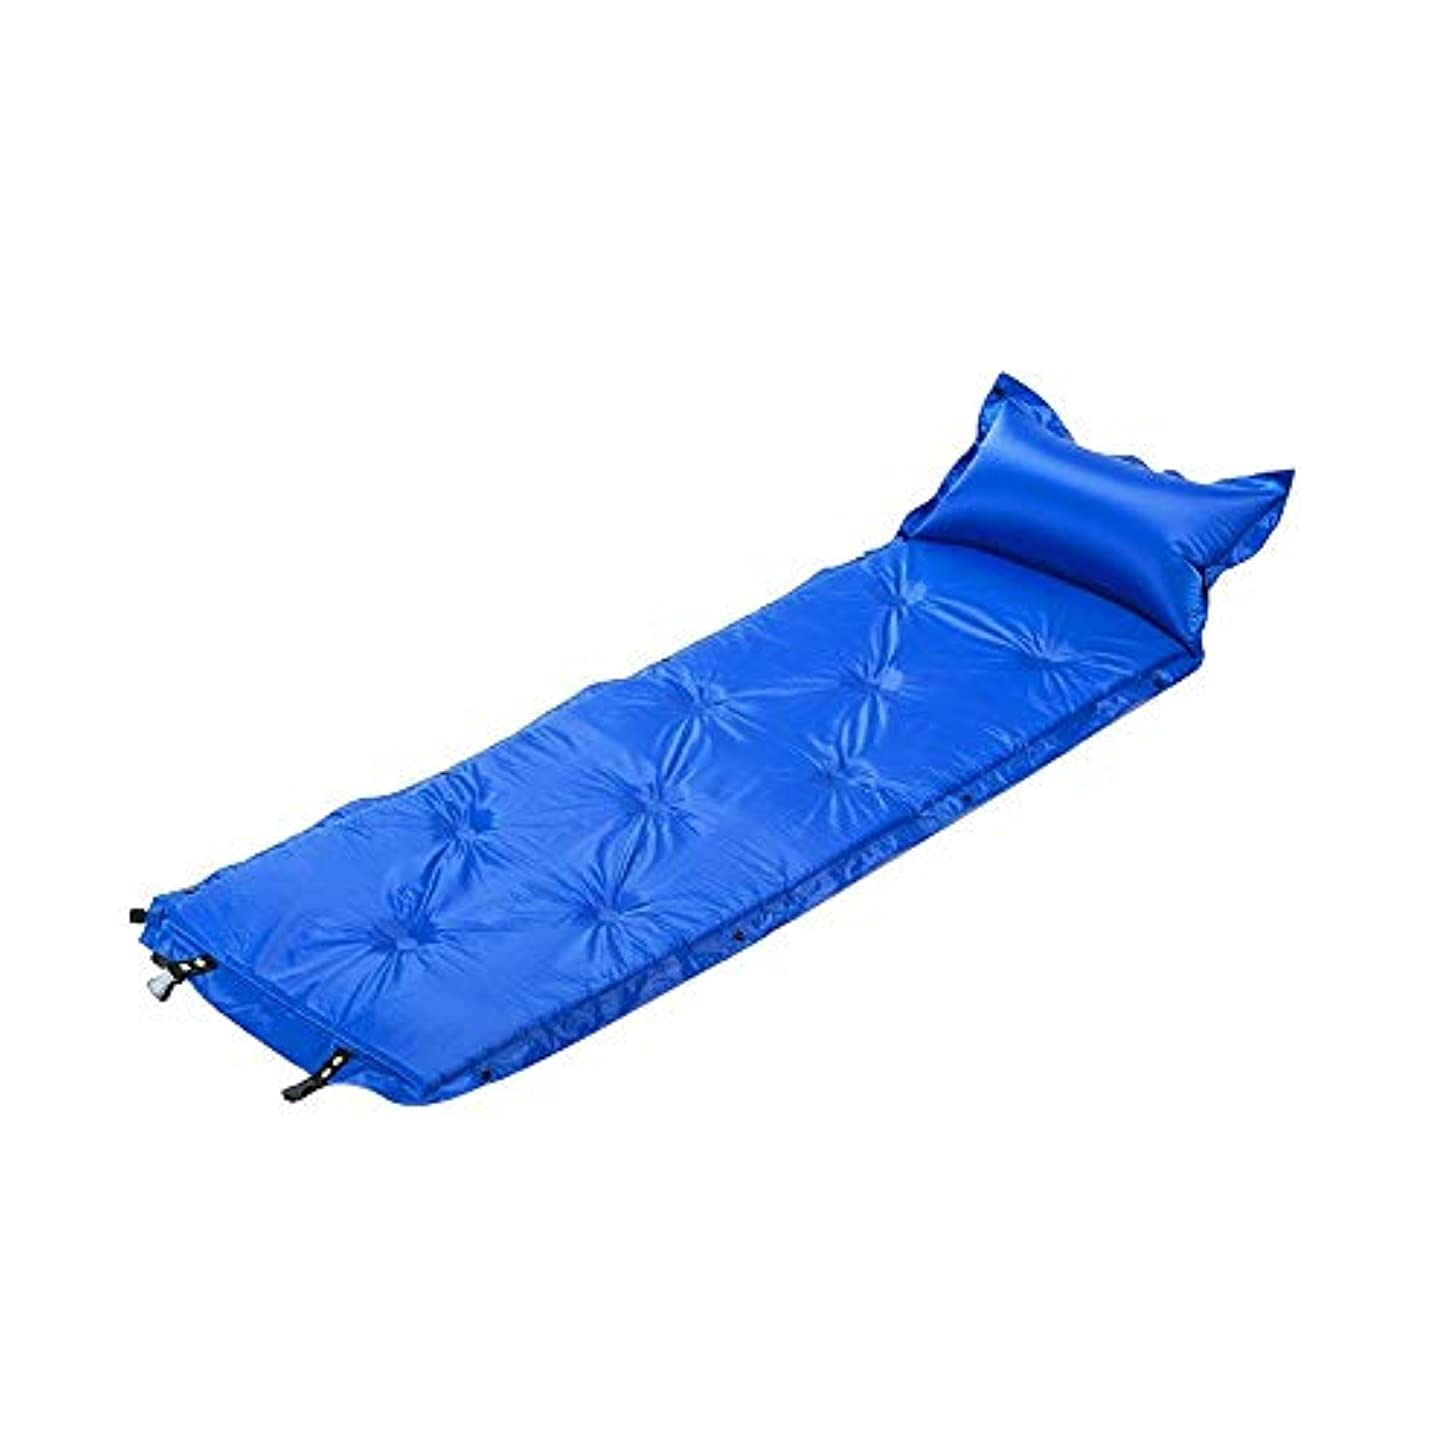 会計ねばねばアルバム屋外自動インフレータブルクッションランチブレイクキャンプテントインフレータブルクッション防湿絶縁シングルダブルステッチピクニックマット、180×60×5センチ